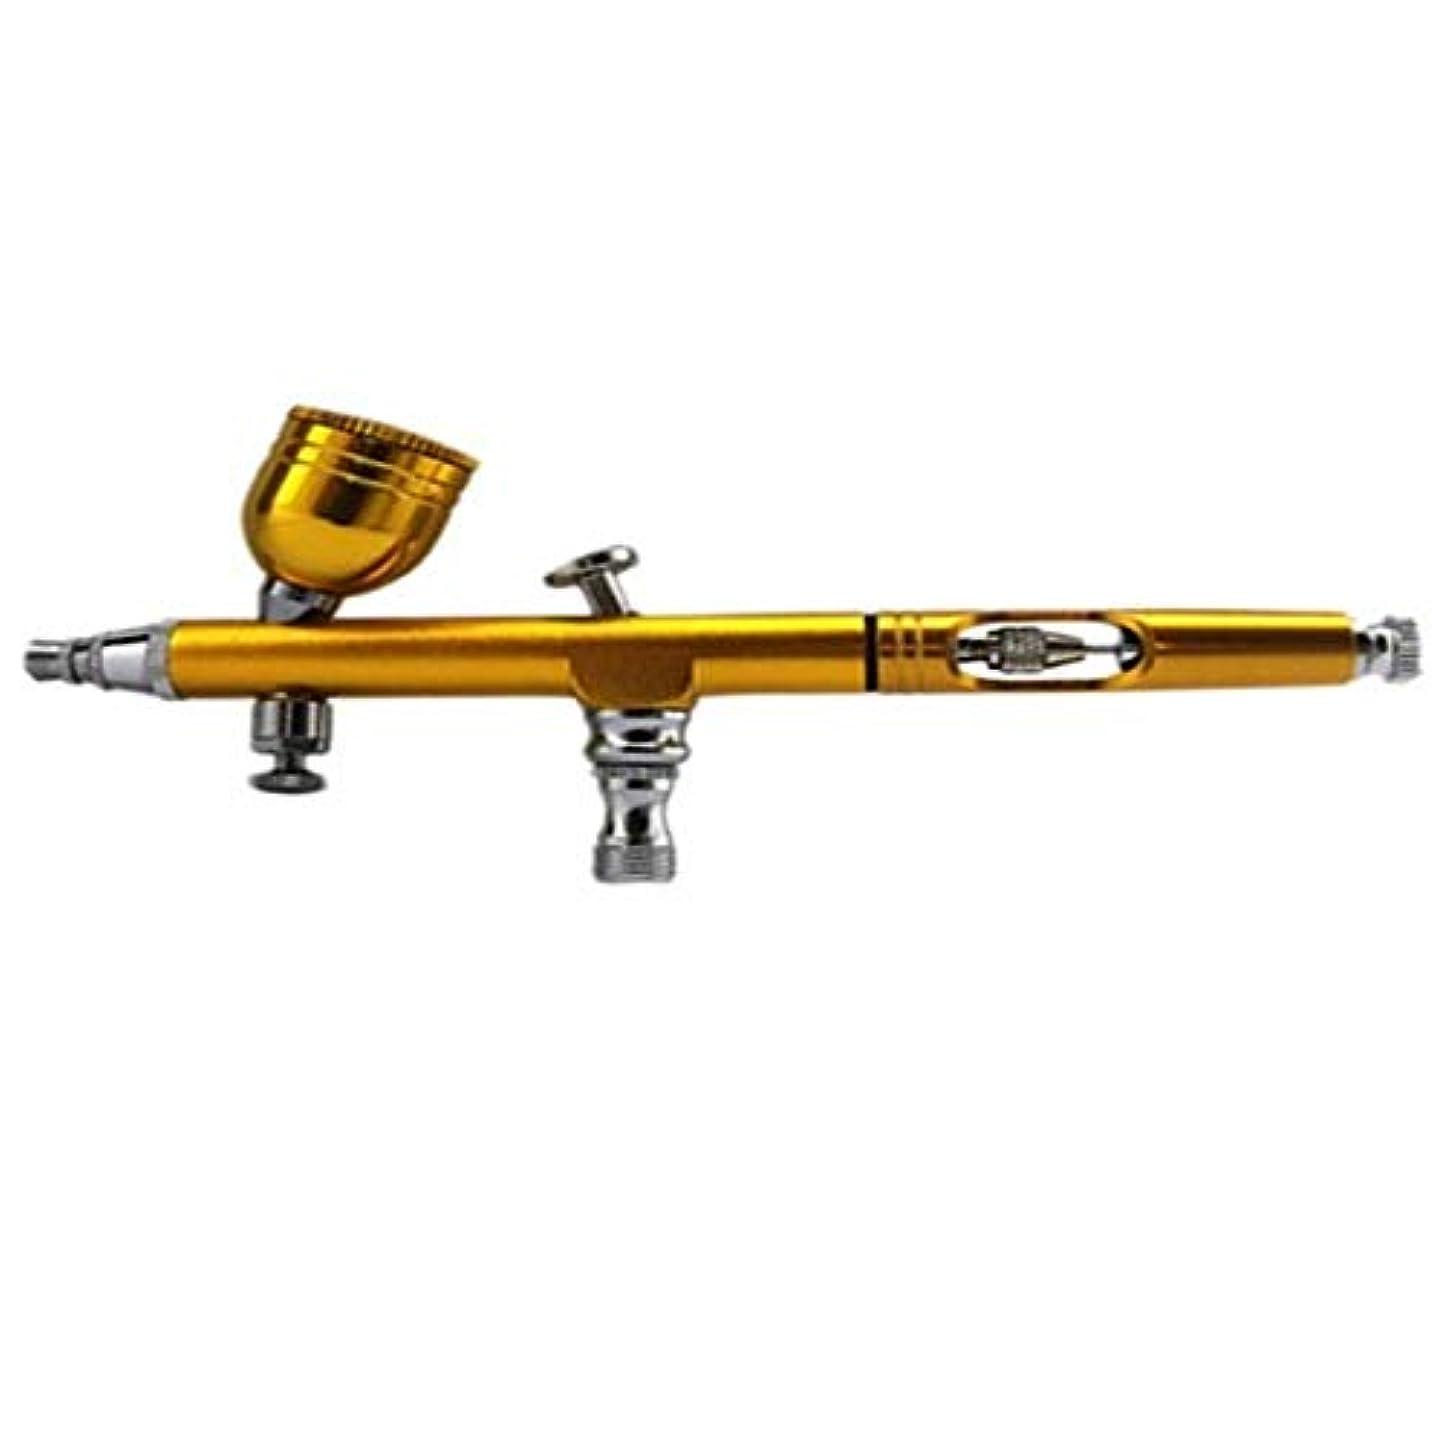 吸収シャツ粘り強いMEI1JIA ネイルアートペイントタトゥーエアブラシ用CELINEZLエアブラシスプレーツール (色 : Golden)